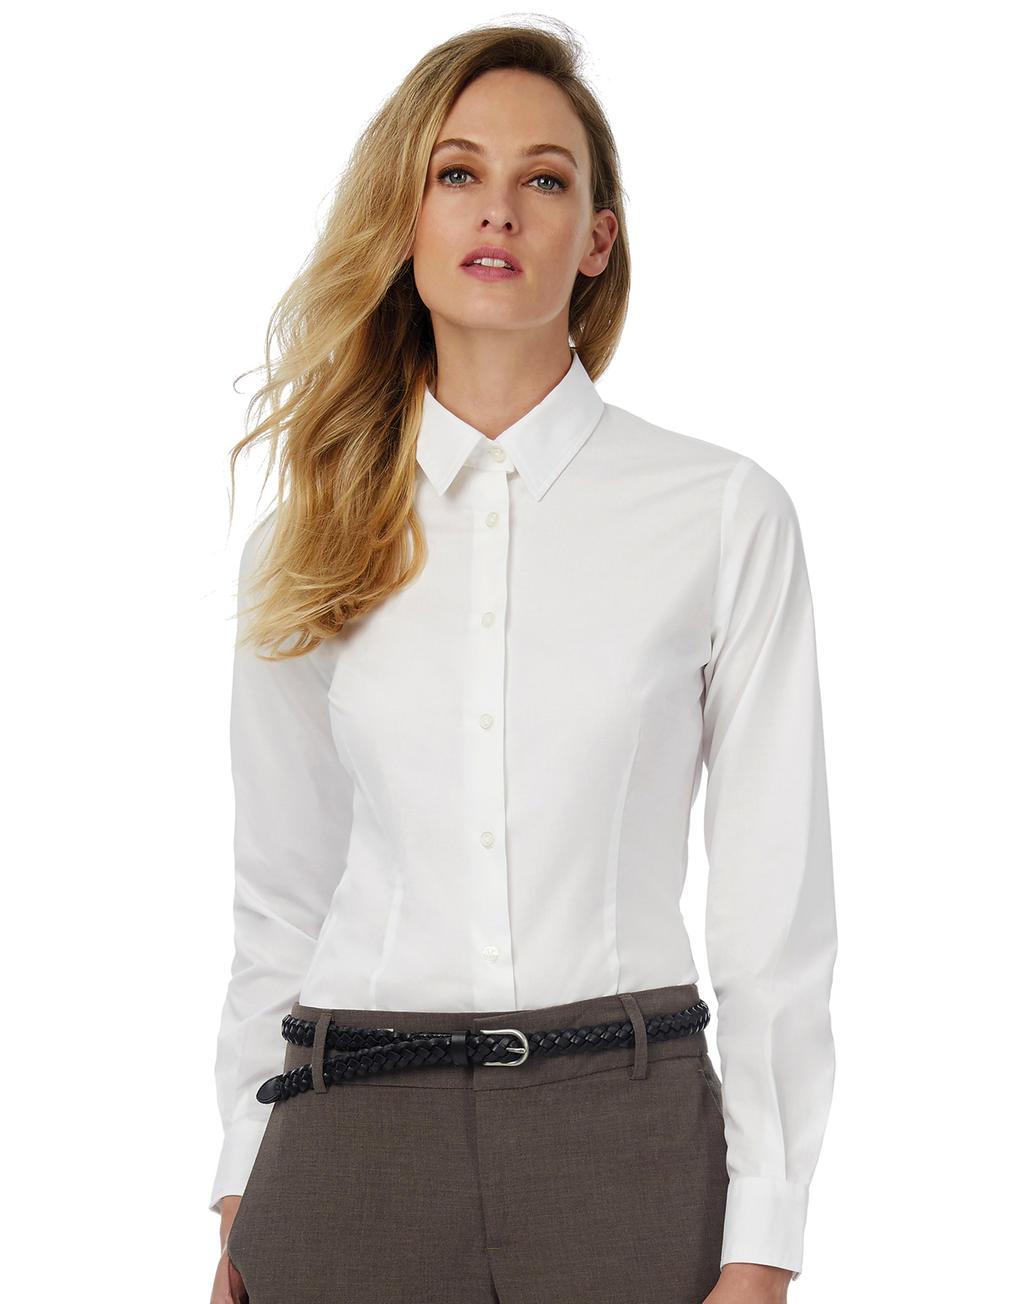 280ff1fffab Dámská popelínová košile Black Tie LSL women